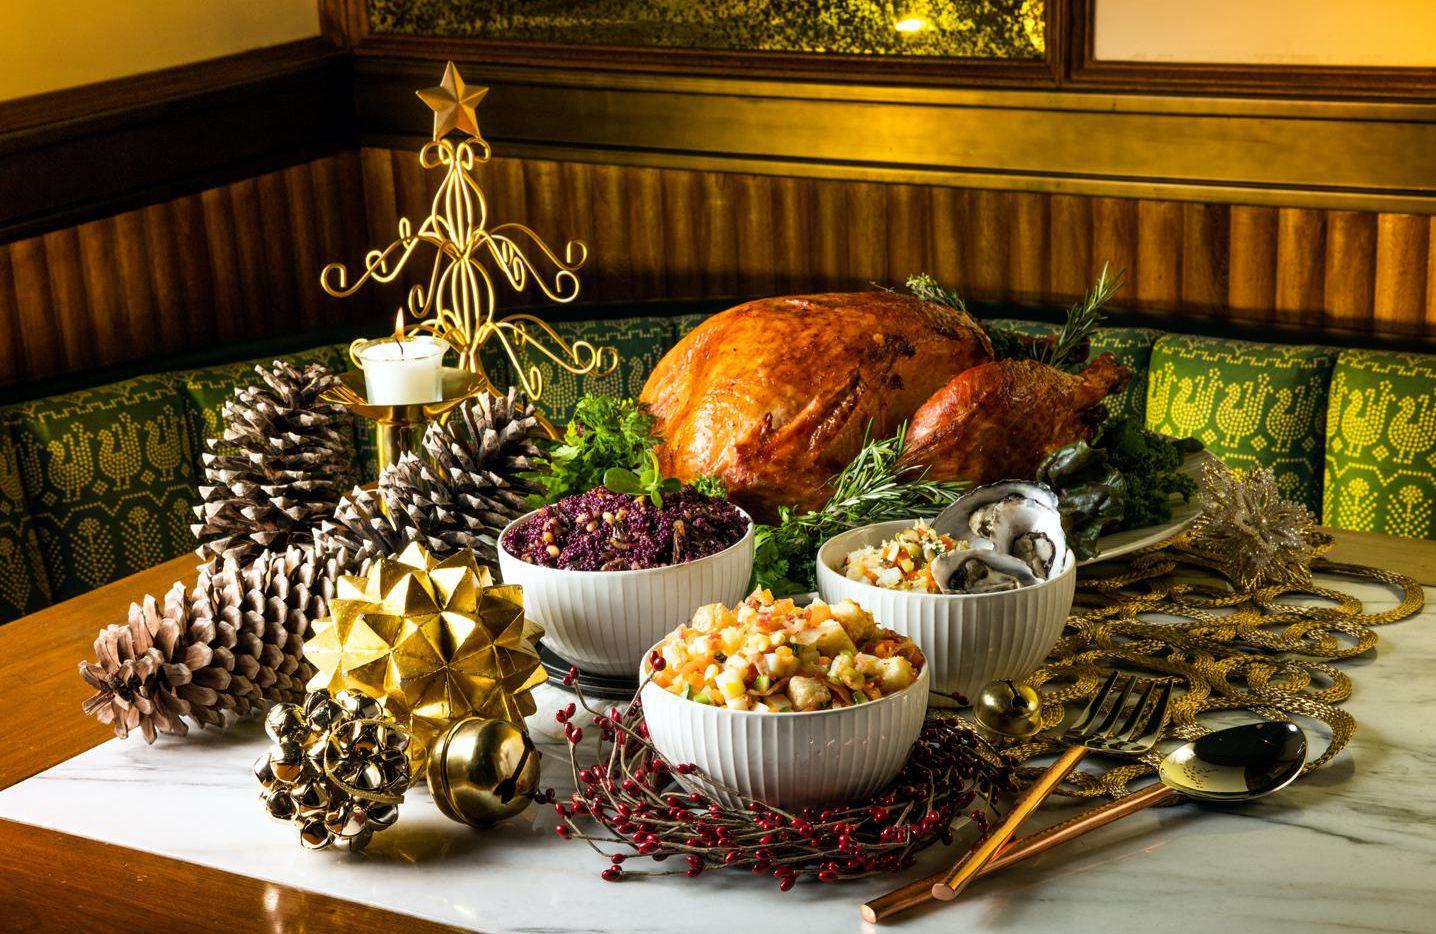 El pavo es el platillo más tradicional en las fiestas navideñas.(AGENCIA REFORMA)